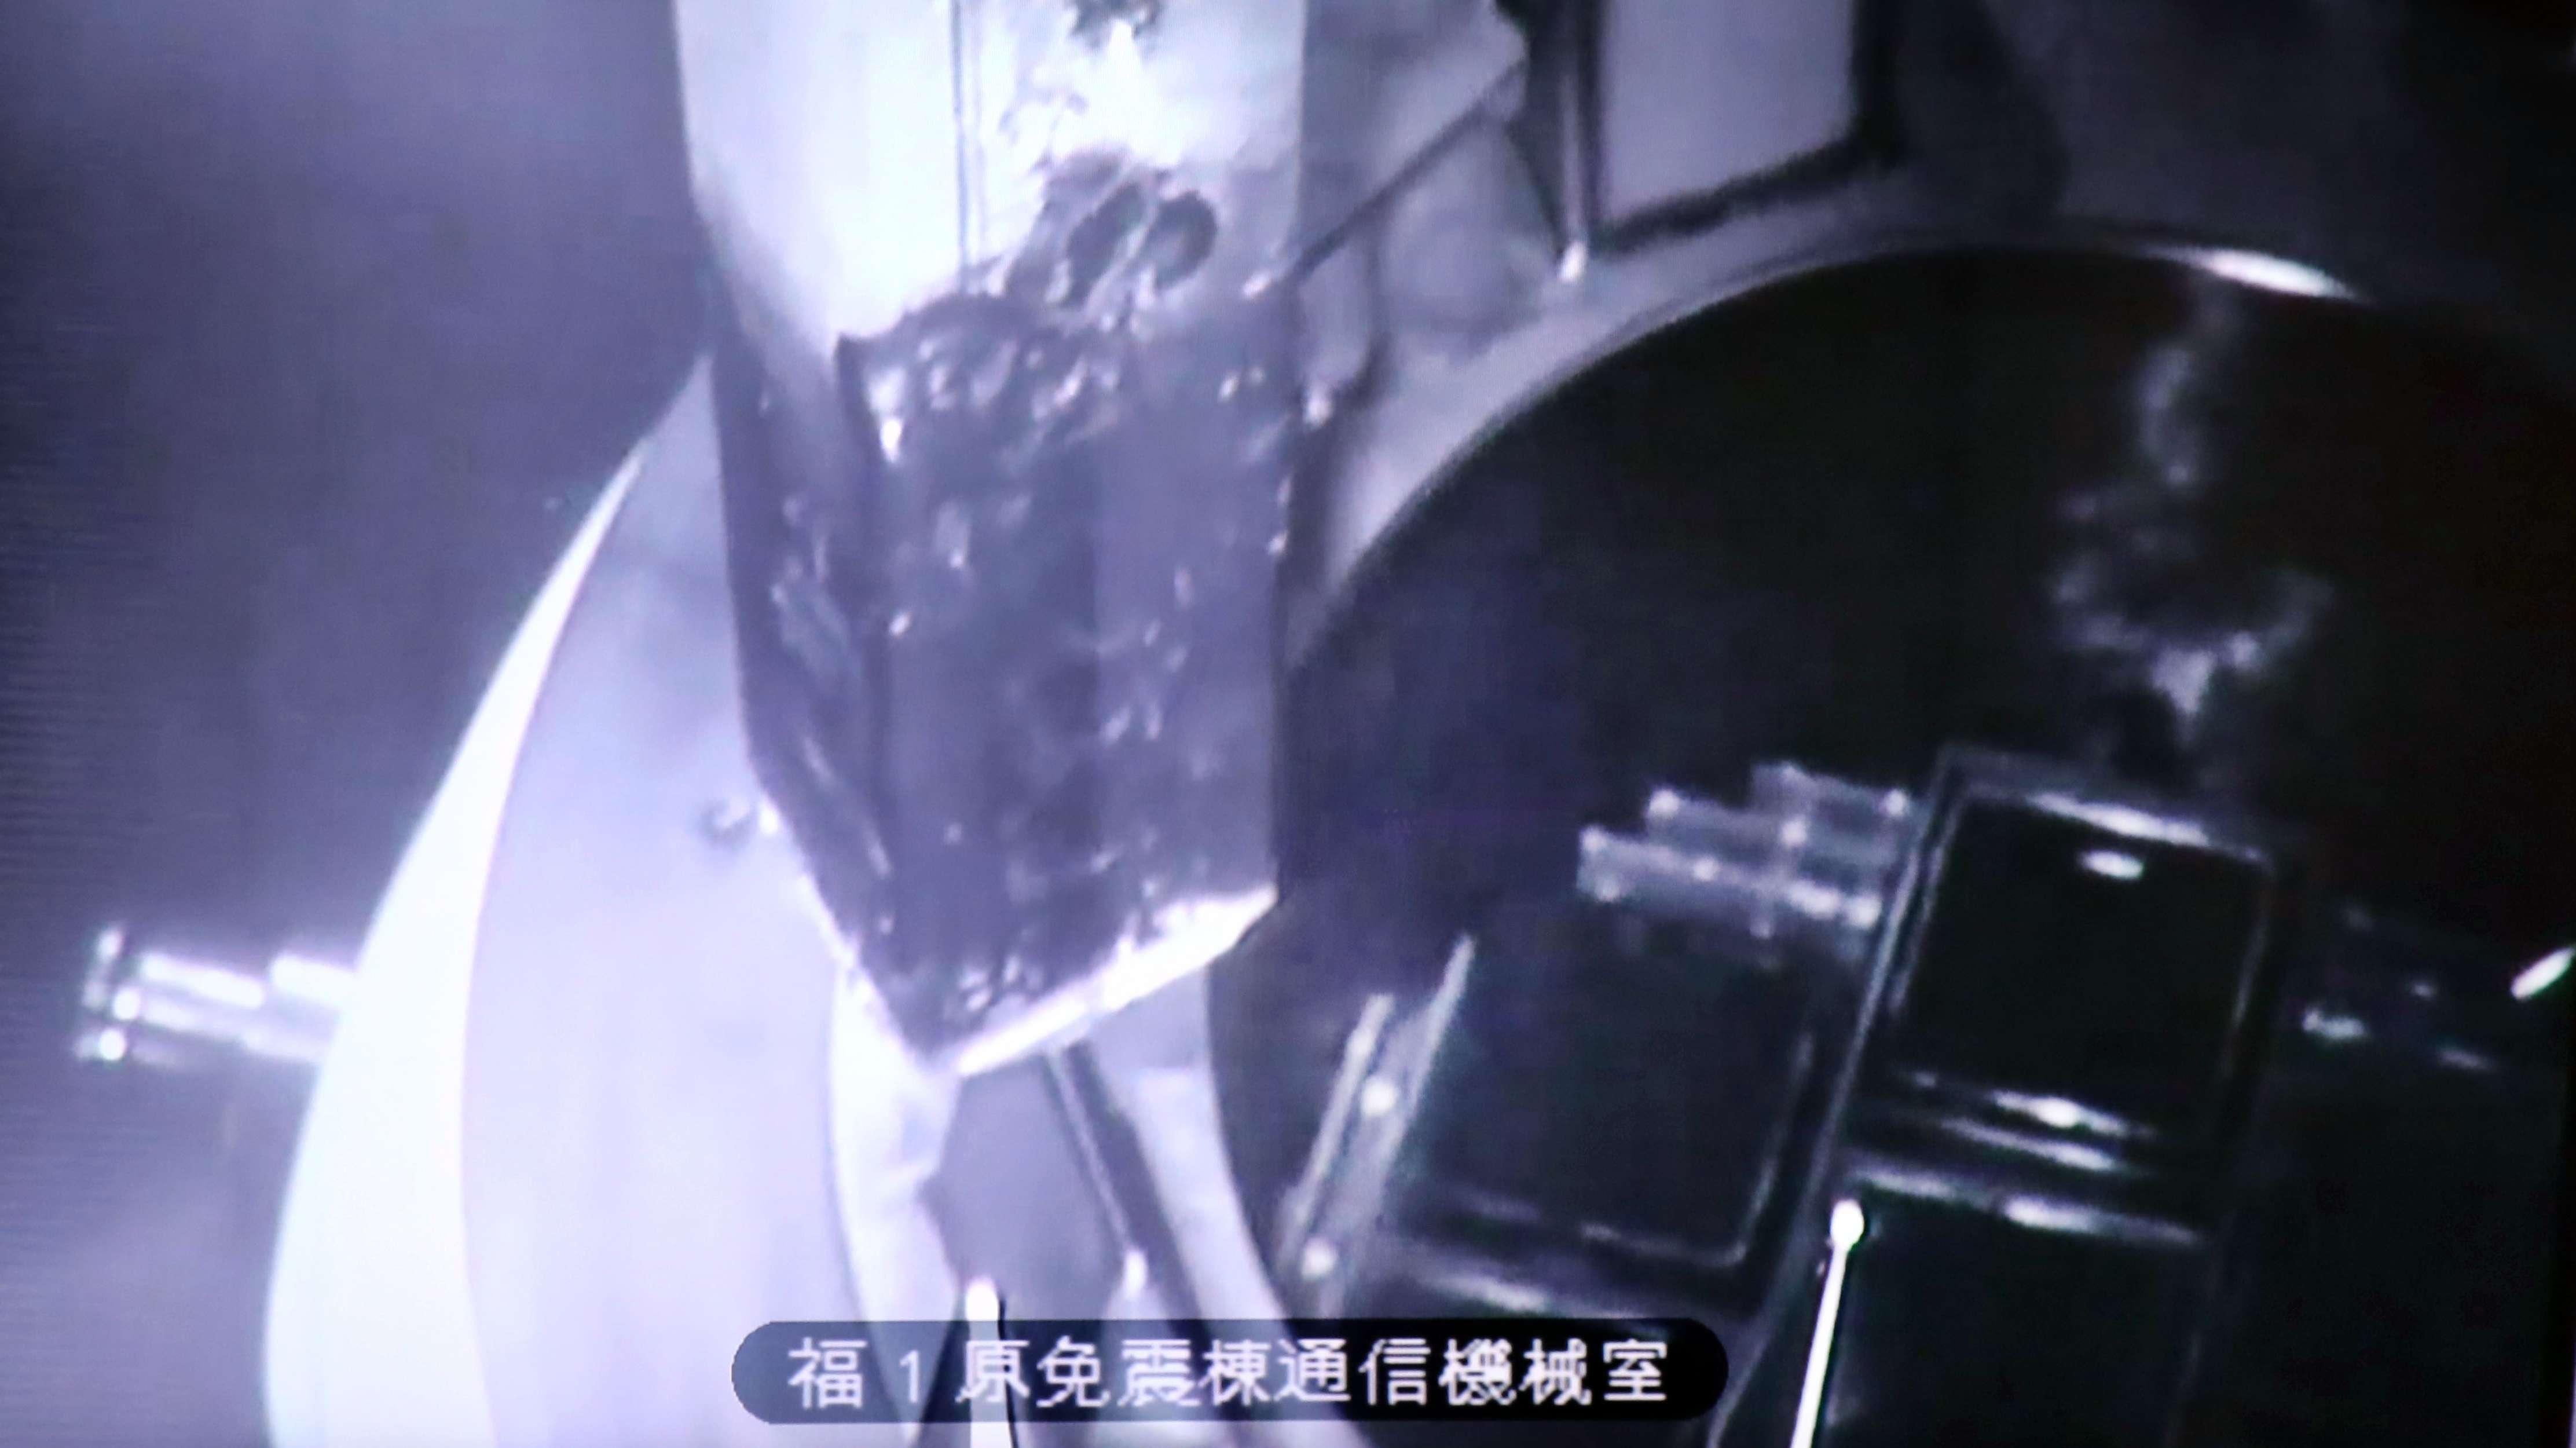 Auf einem Monitor ist zu sehen: Die Entfernung der Brennstäbe aus dem Abklingbecken des Reaktors 3 in Okuma, Fukushima.